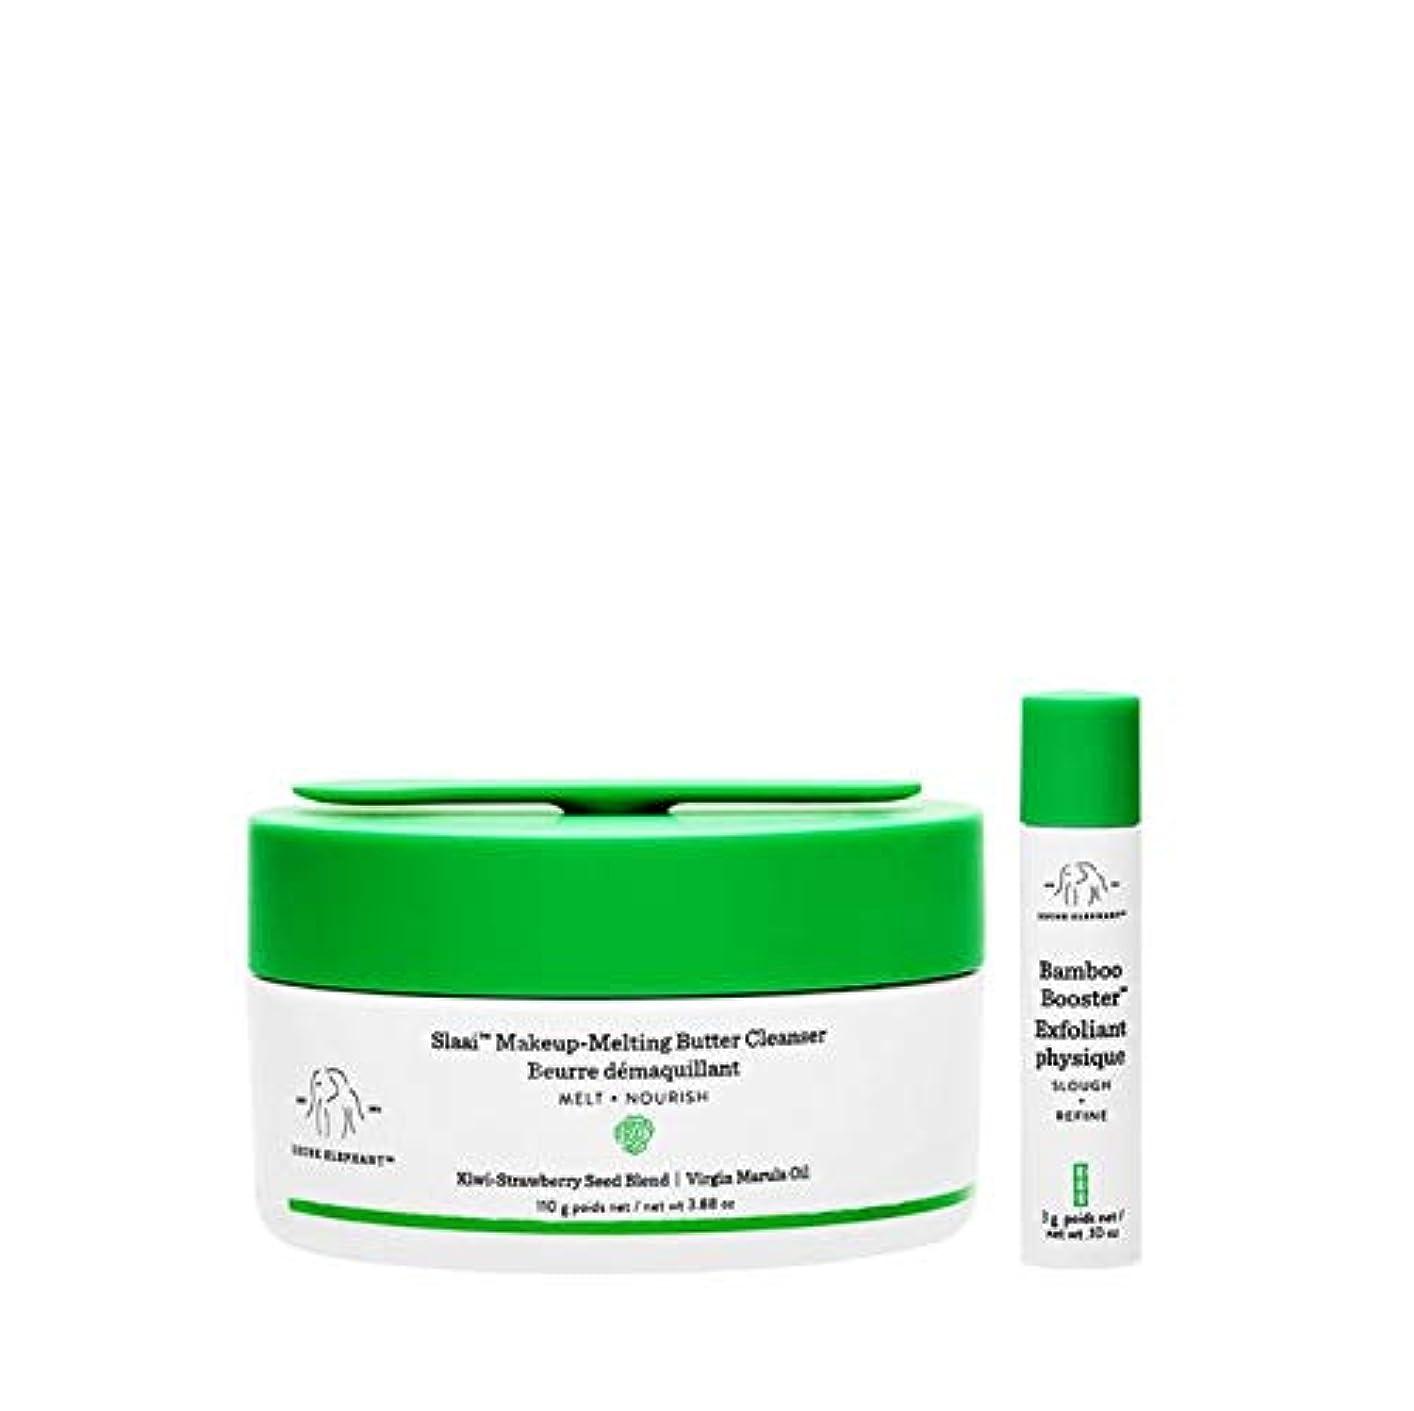 レール花束平和的DRUNK ELEPHANT Slaai Makeup-Melting Butter Cleanser ドランクエレファント スラエー メーカップ メルティング バター クレンザー 110g